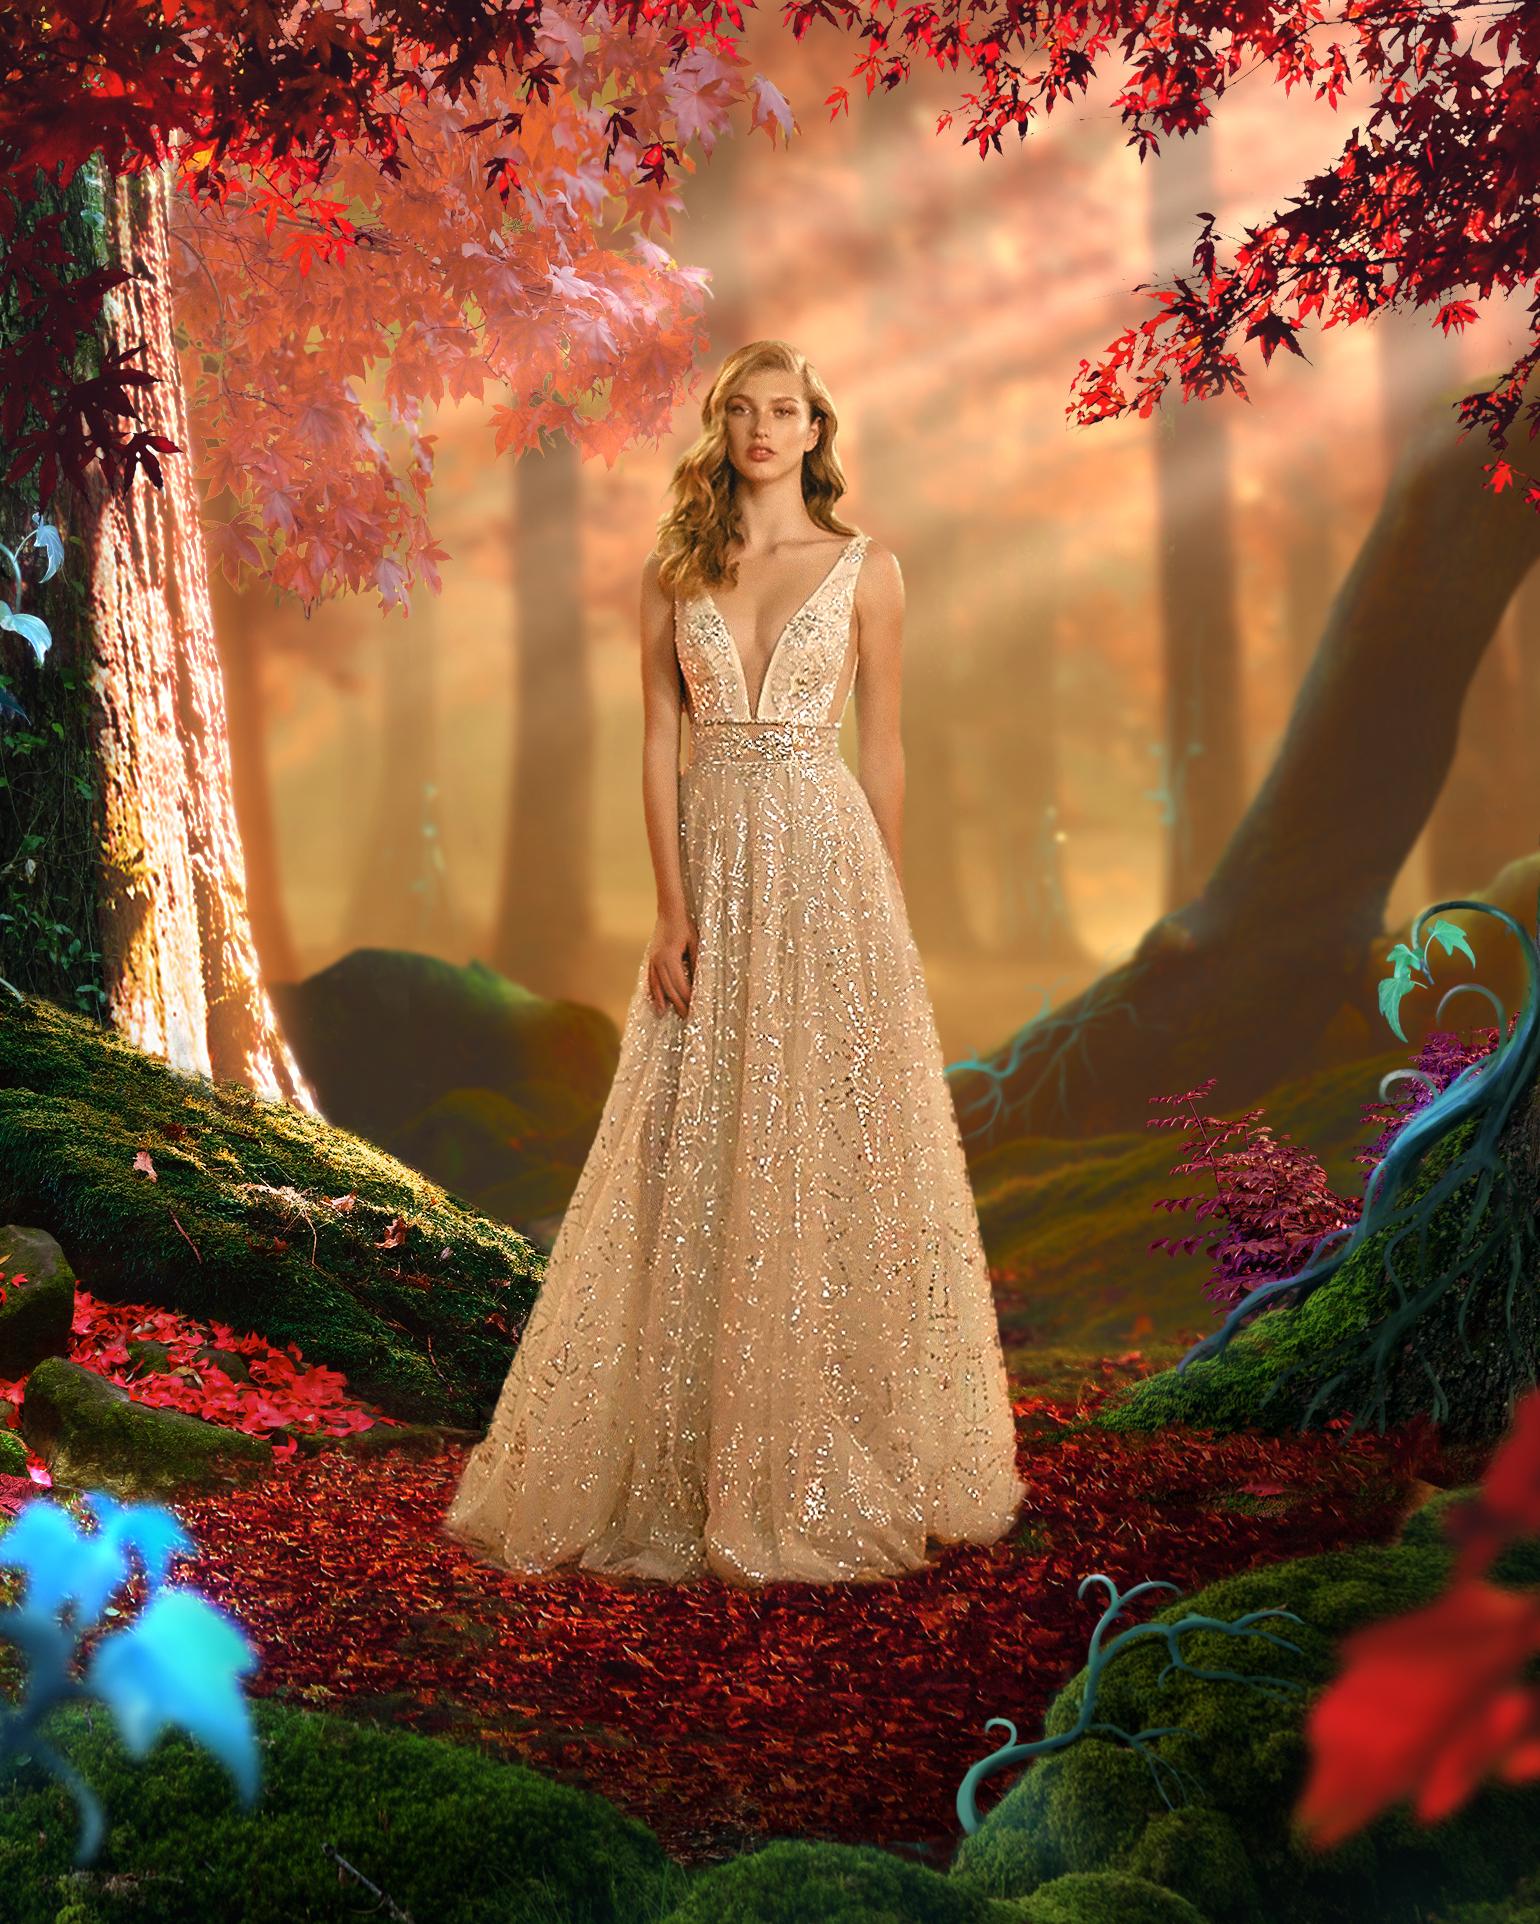 מהאגדות: קולקציית גאלה VI של גליה להב, שמלות כלה, 3